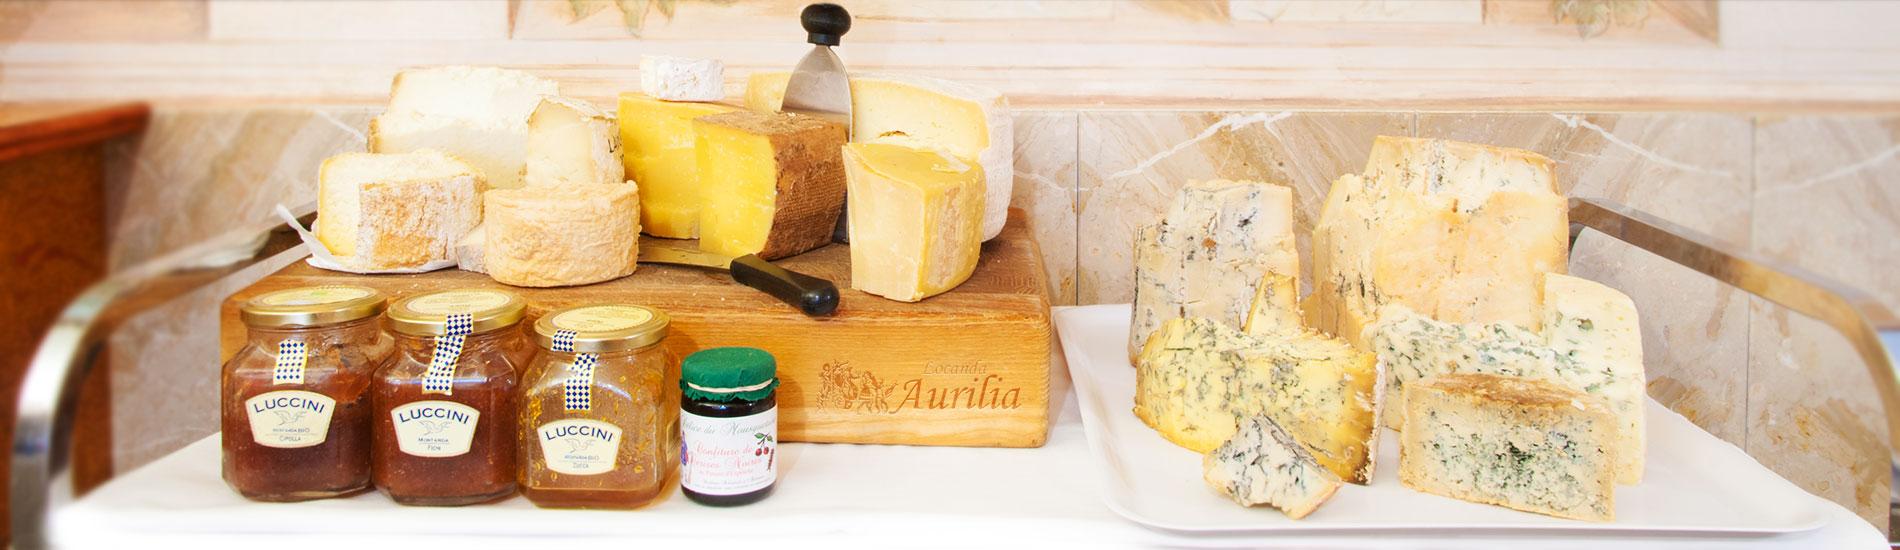 formaggi-ristorante-locanda-aurilia-hotel-ristorante-enoteca-loreggia-padova